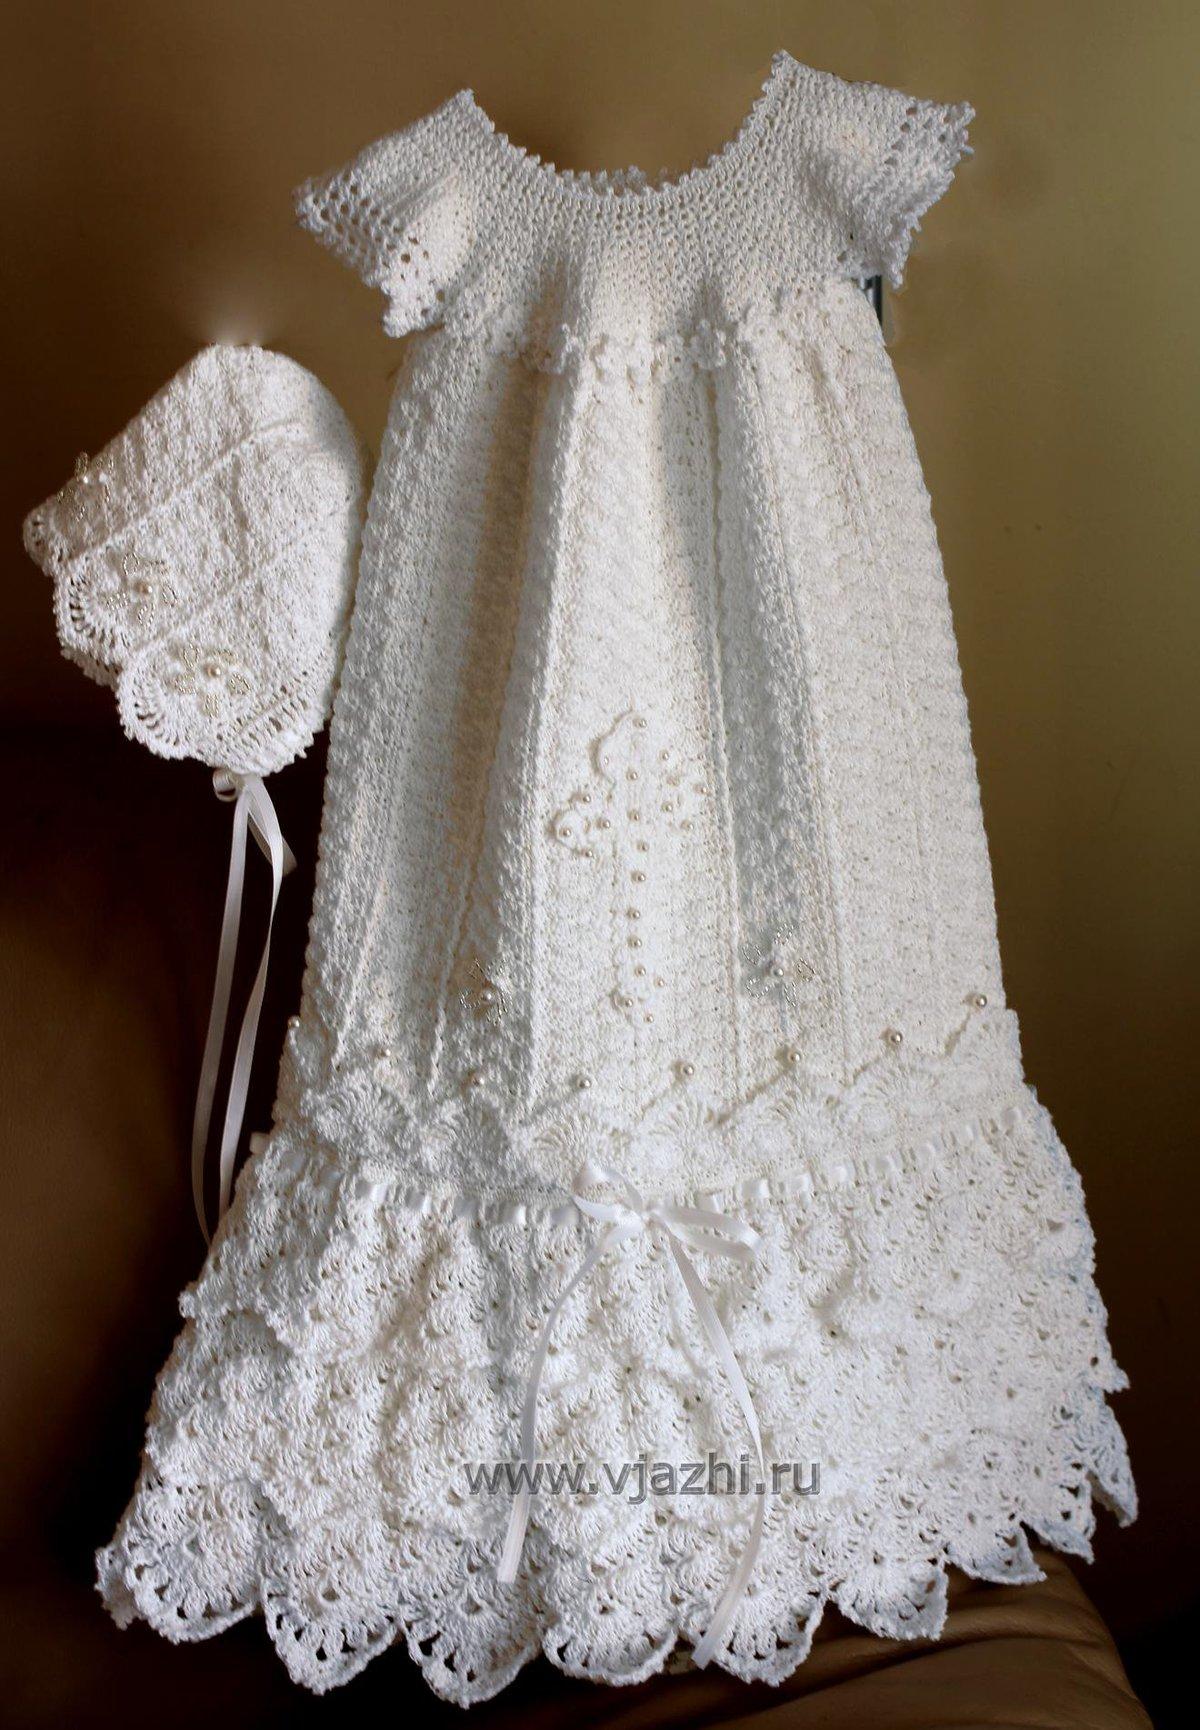 Вязание крючком платья малышке